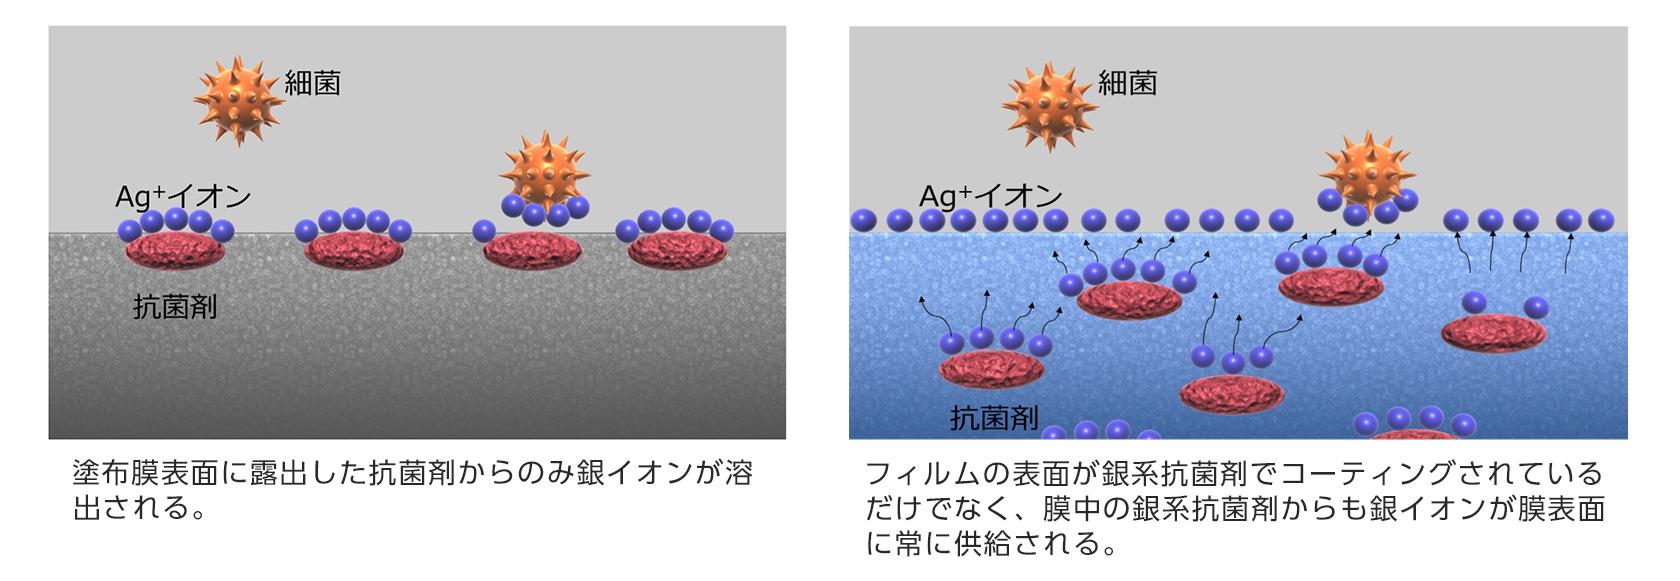 一般的な非親水膜の銀系抗菌コート(左)と超親水膜の銀系抗菌コート技術「Hydro Ag+」(右)の構造(イメージ図)